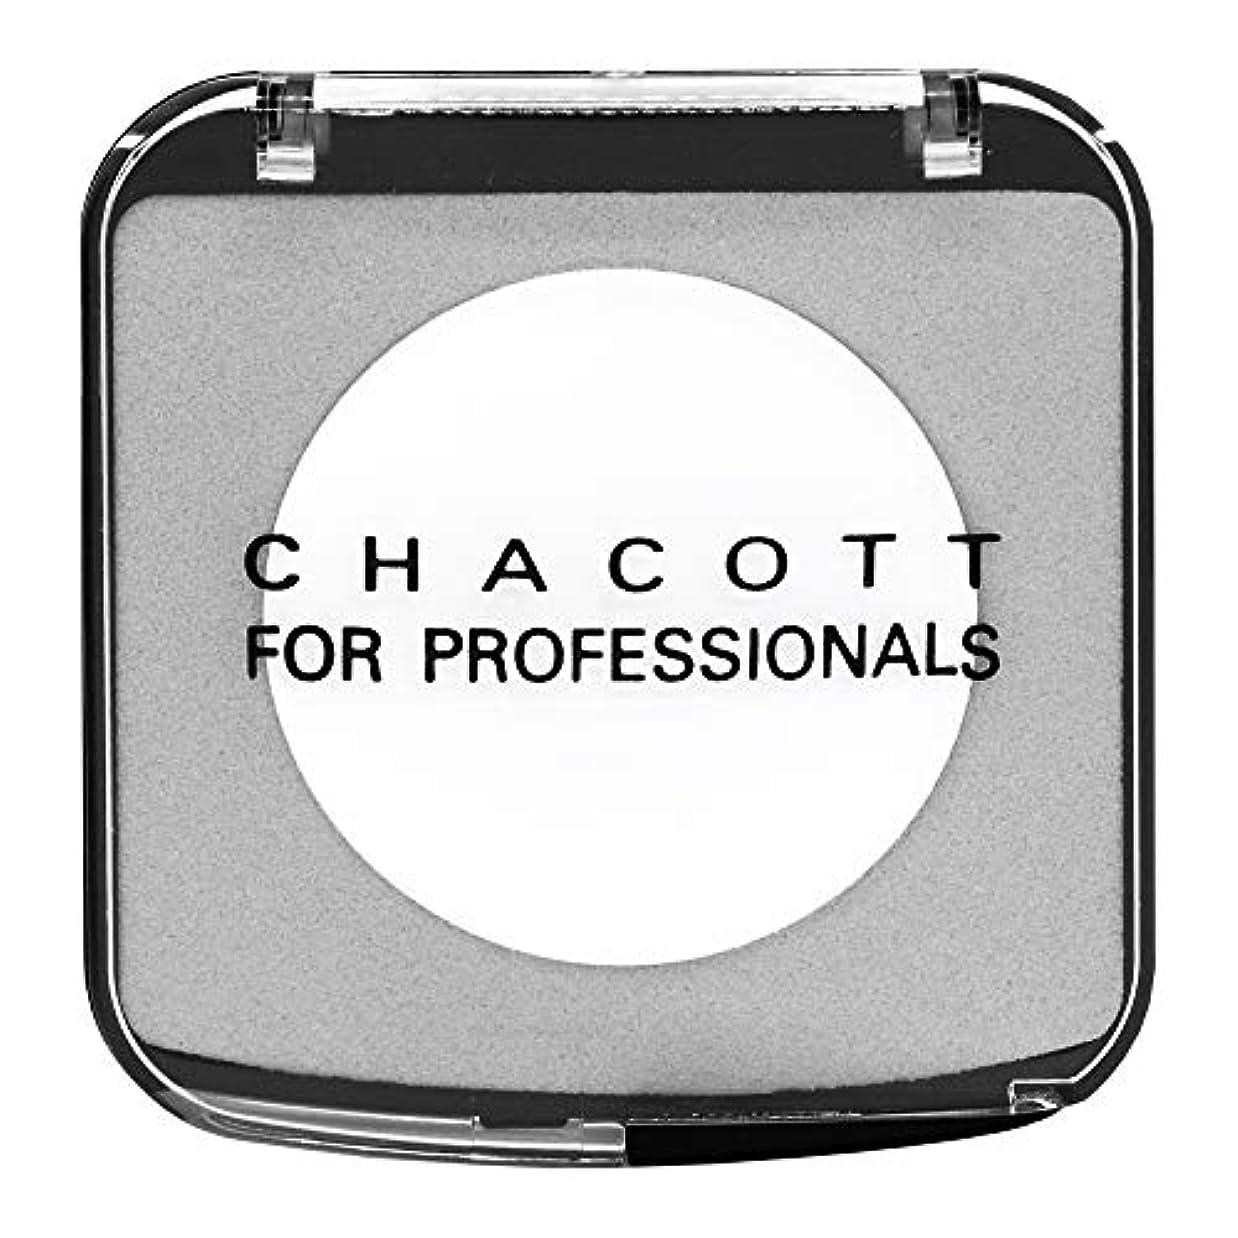 素晴らしい良い多くのネブ契約したCHACOTT<チャコット> カラーバリエーション 624.スノーホワイト